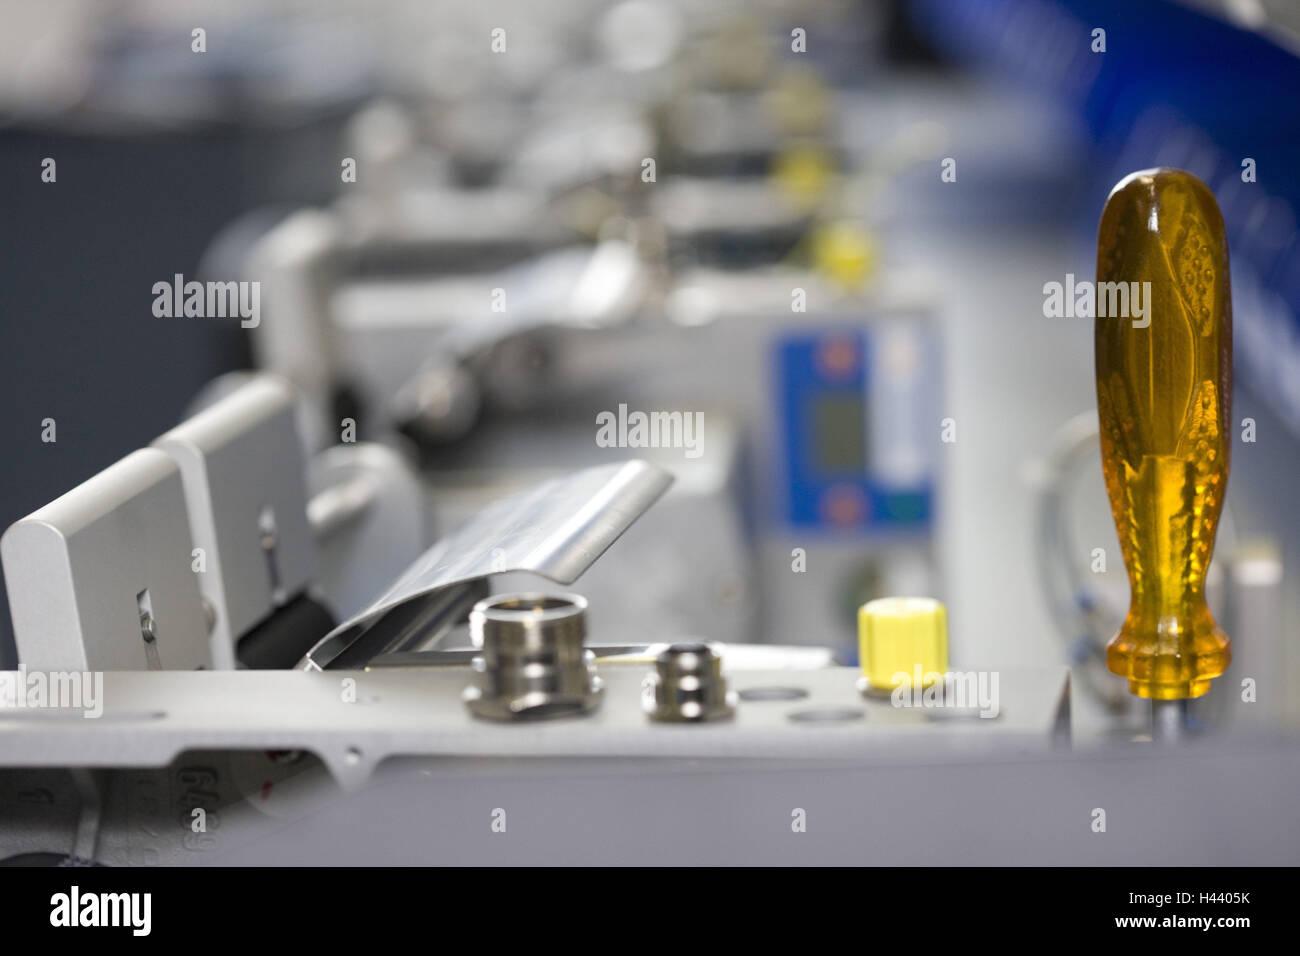 Engenharia Mecânica, lote de fabricação, edição, desfocagem, indústria, máquina, Imagens de Stock